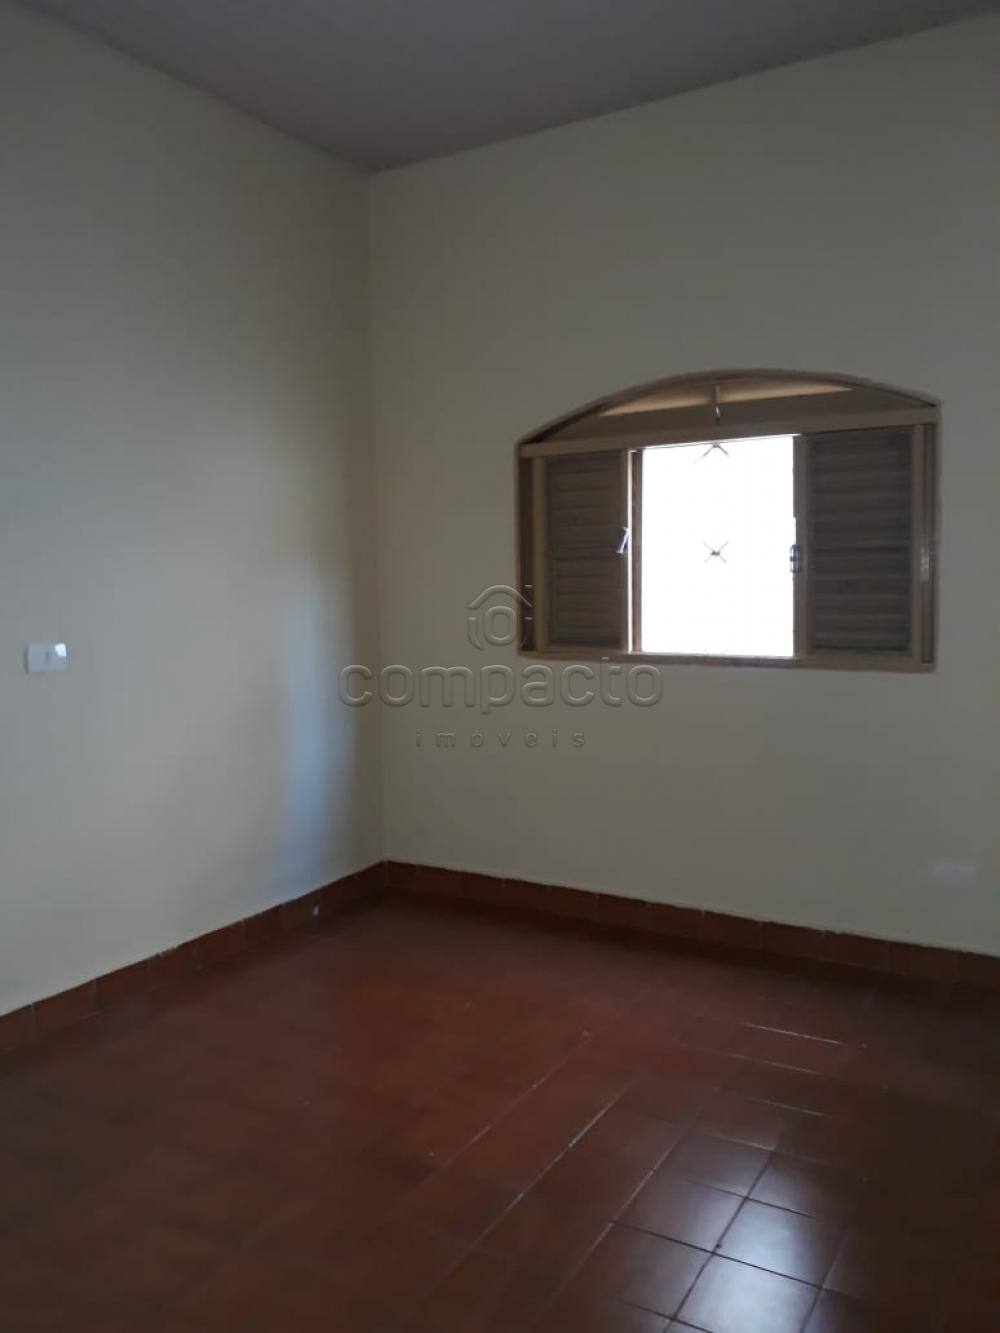 Comprar Casa / Padrão em São José do Rio Preto apenas R$ 190.000,00 - Foto 7